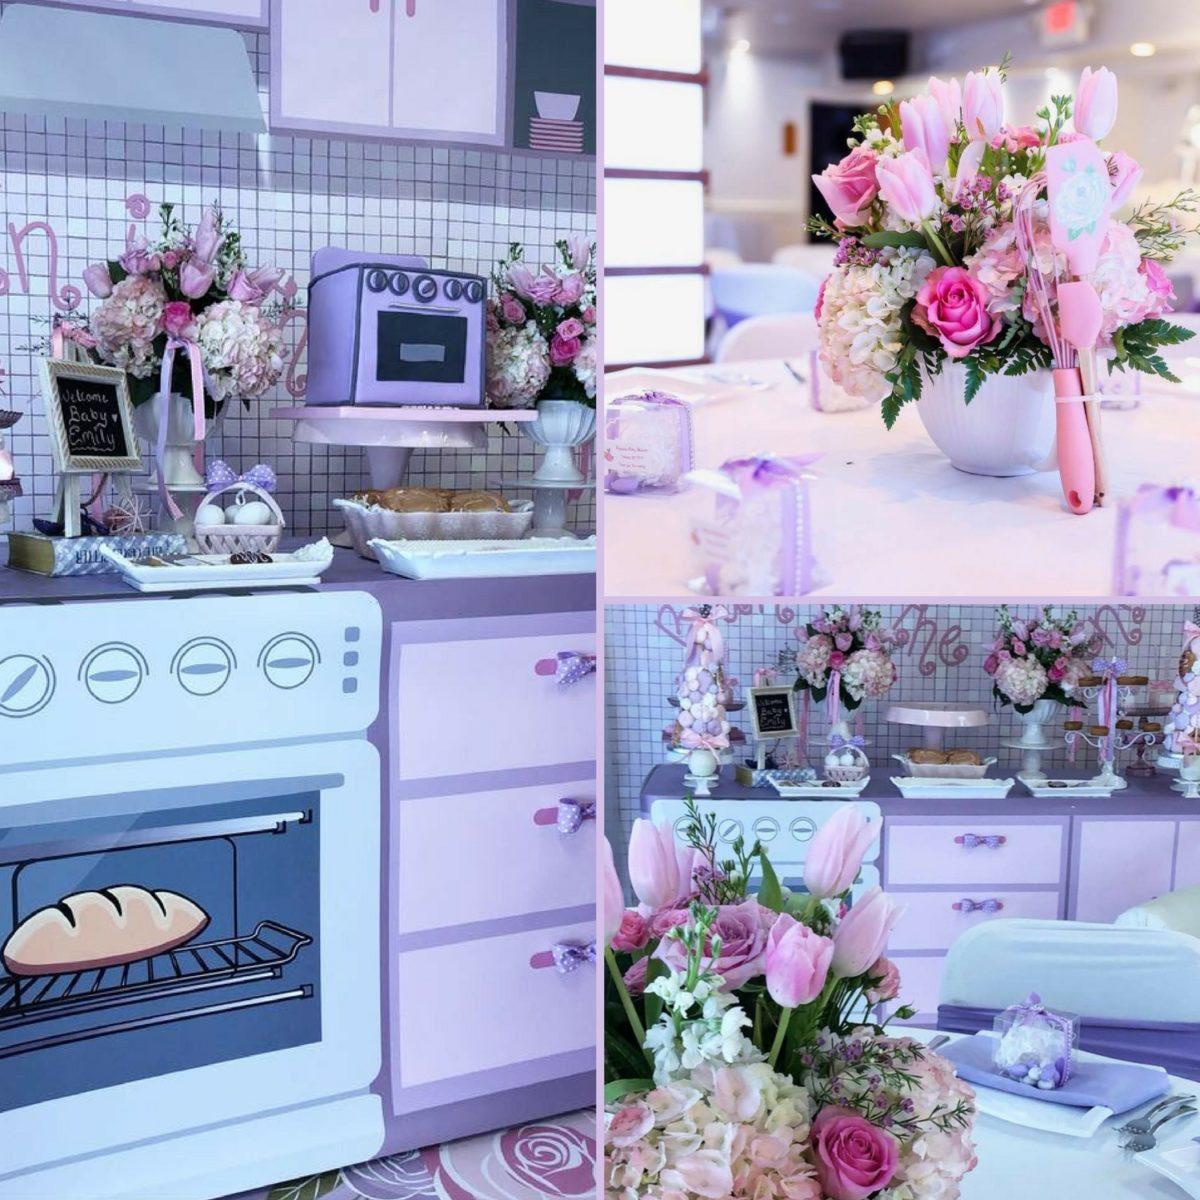 bun-in-the-oven-baby-shower-ideas-photos